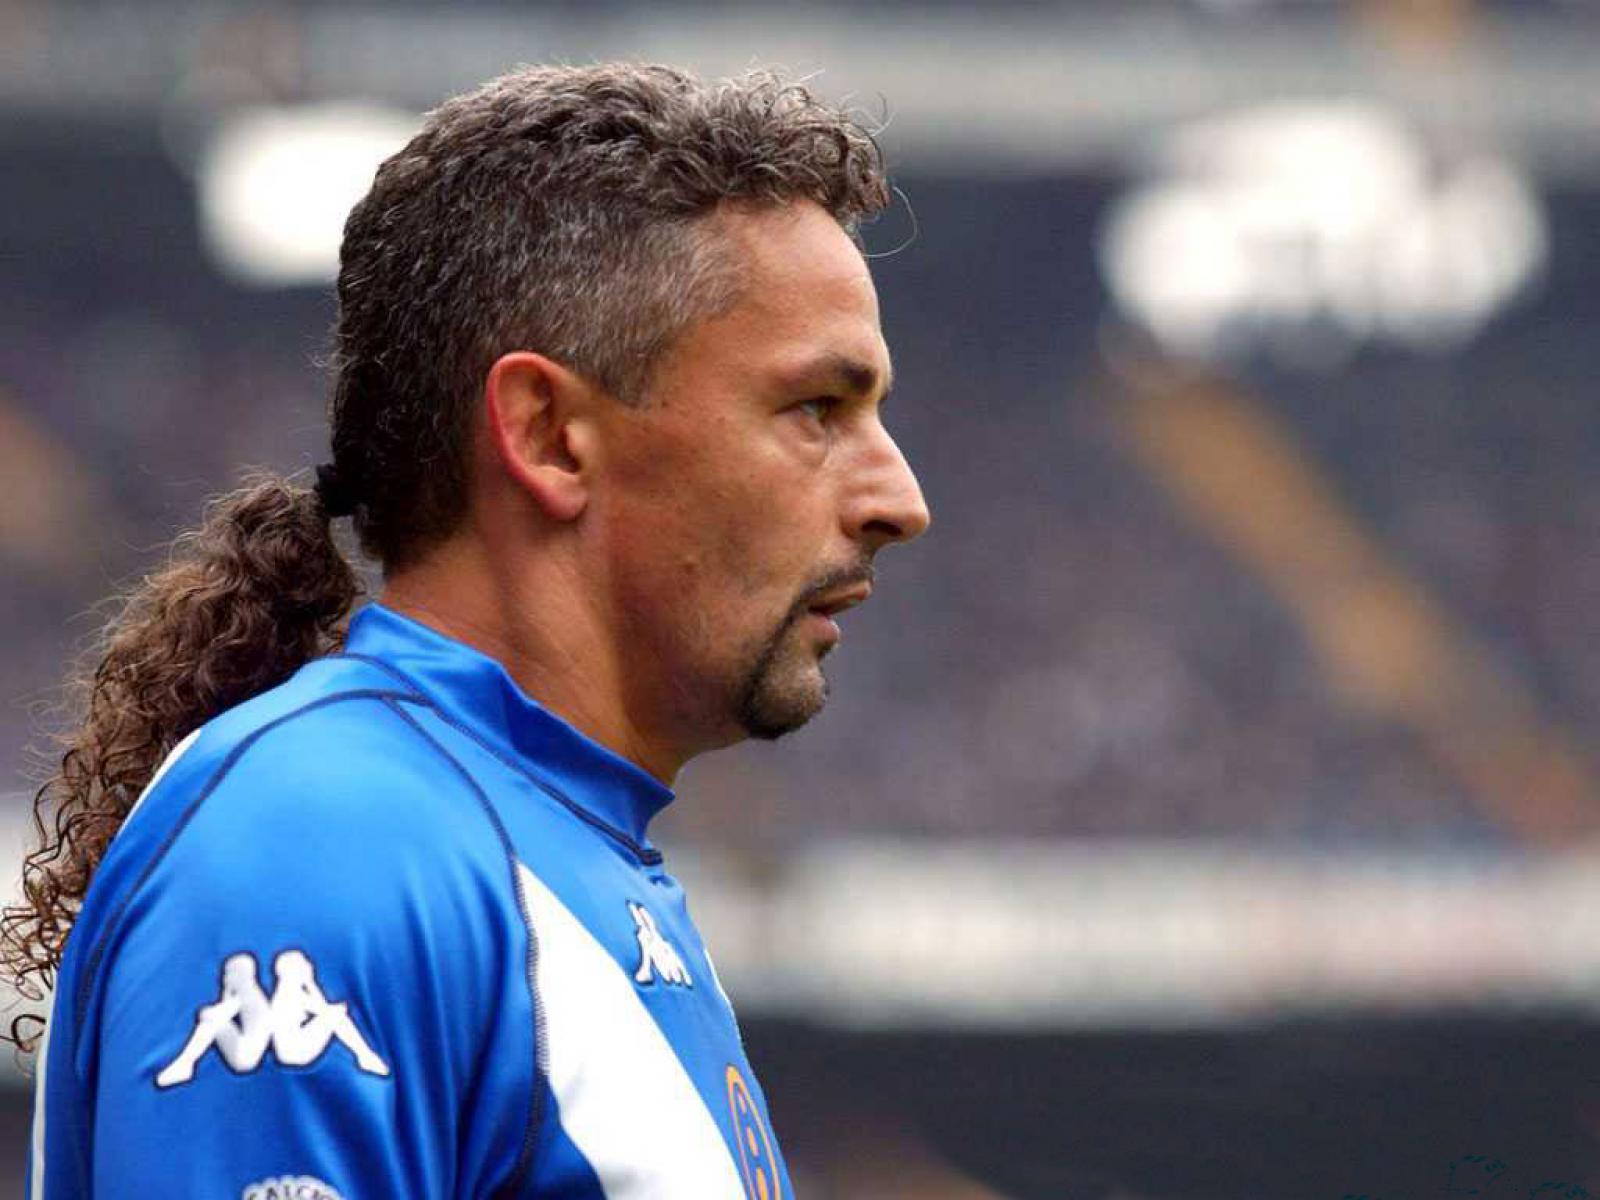 les 20 pires coupes de cheveux des footballeurs : pogba et zlatan ne